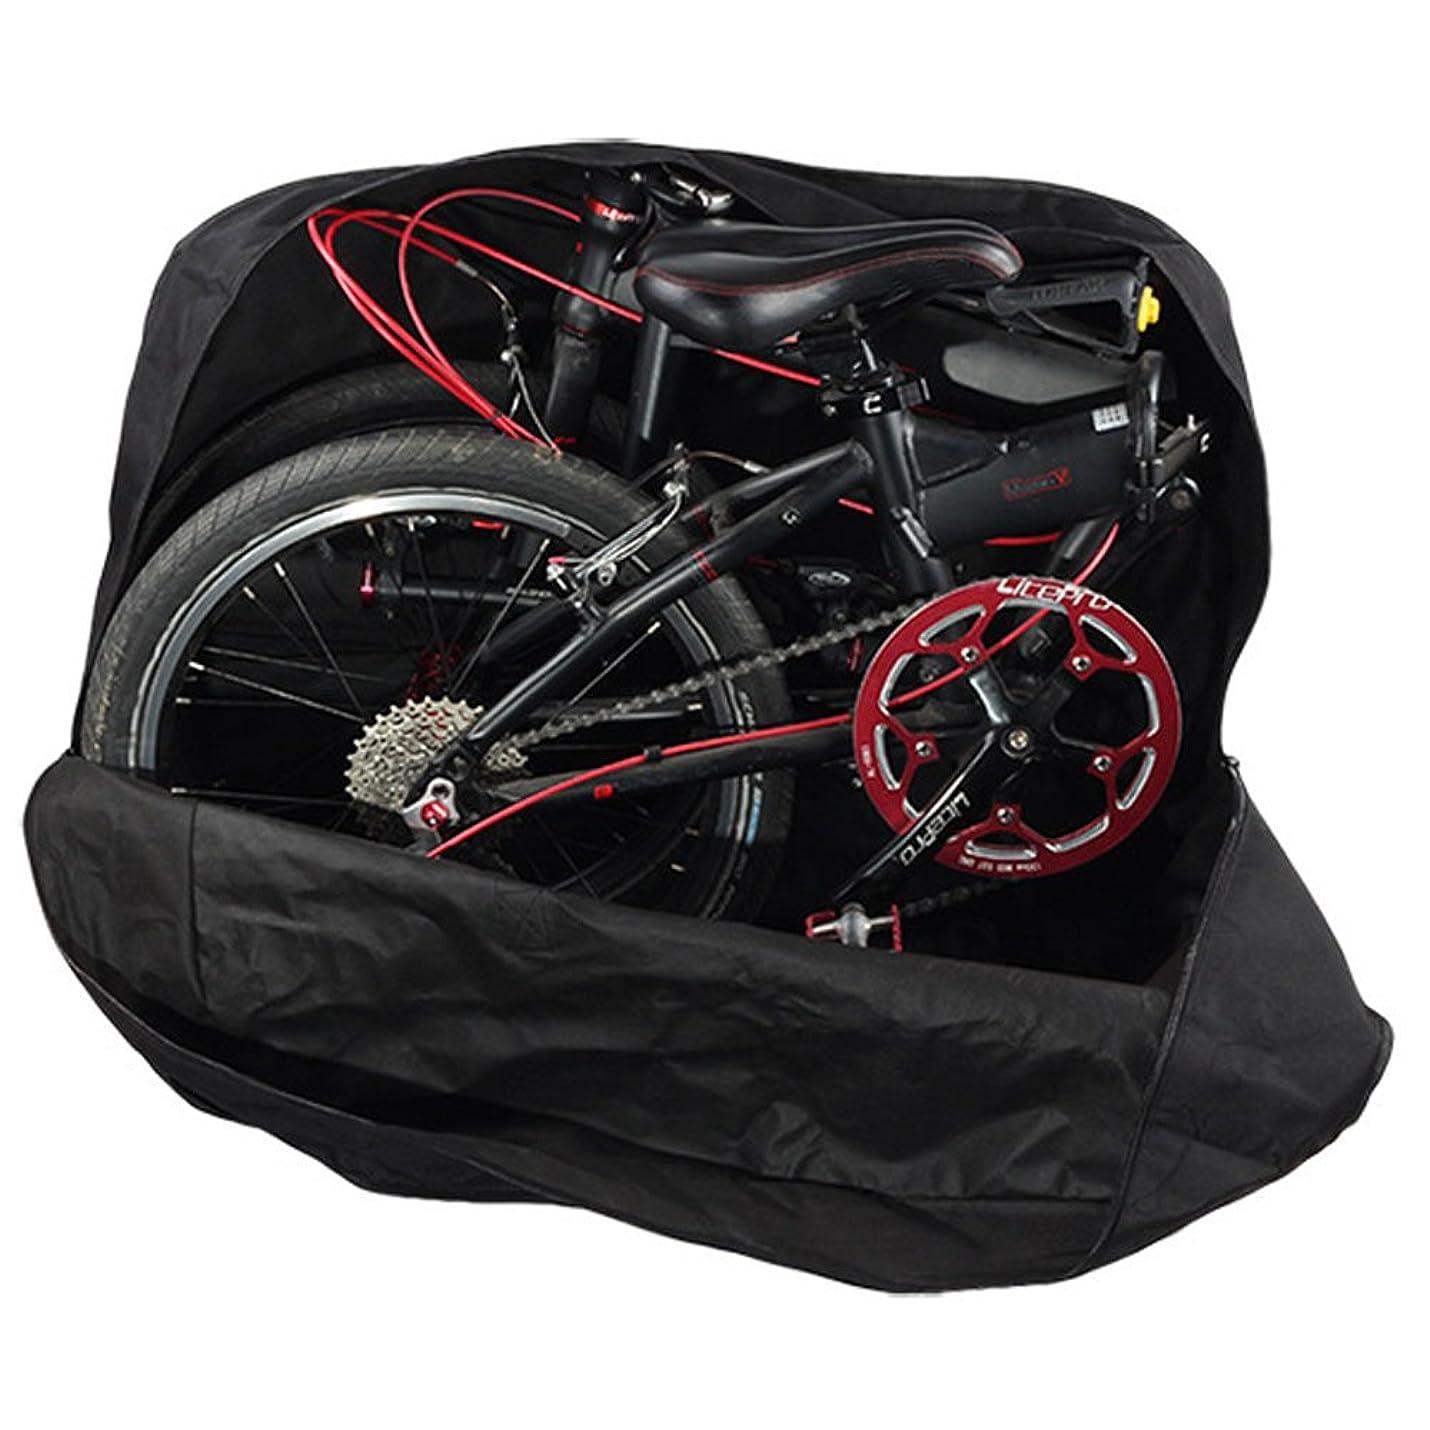 毛皮干し草だらしないYUTY 輪行バッグ 14-20インチ増加折りたたみ自転車ロードバッグ 増加 輪行袋 太い実線キャリーバッグホイールバッグ 大きい収納袋を(ポーチが付属しています)